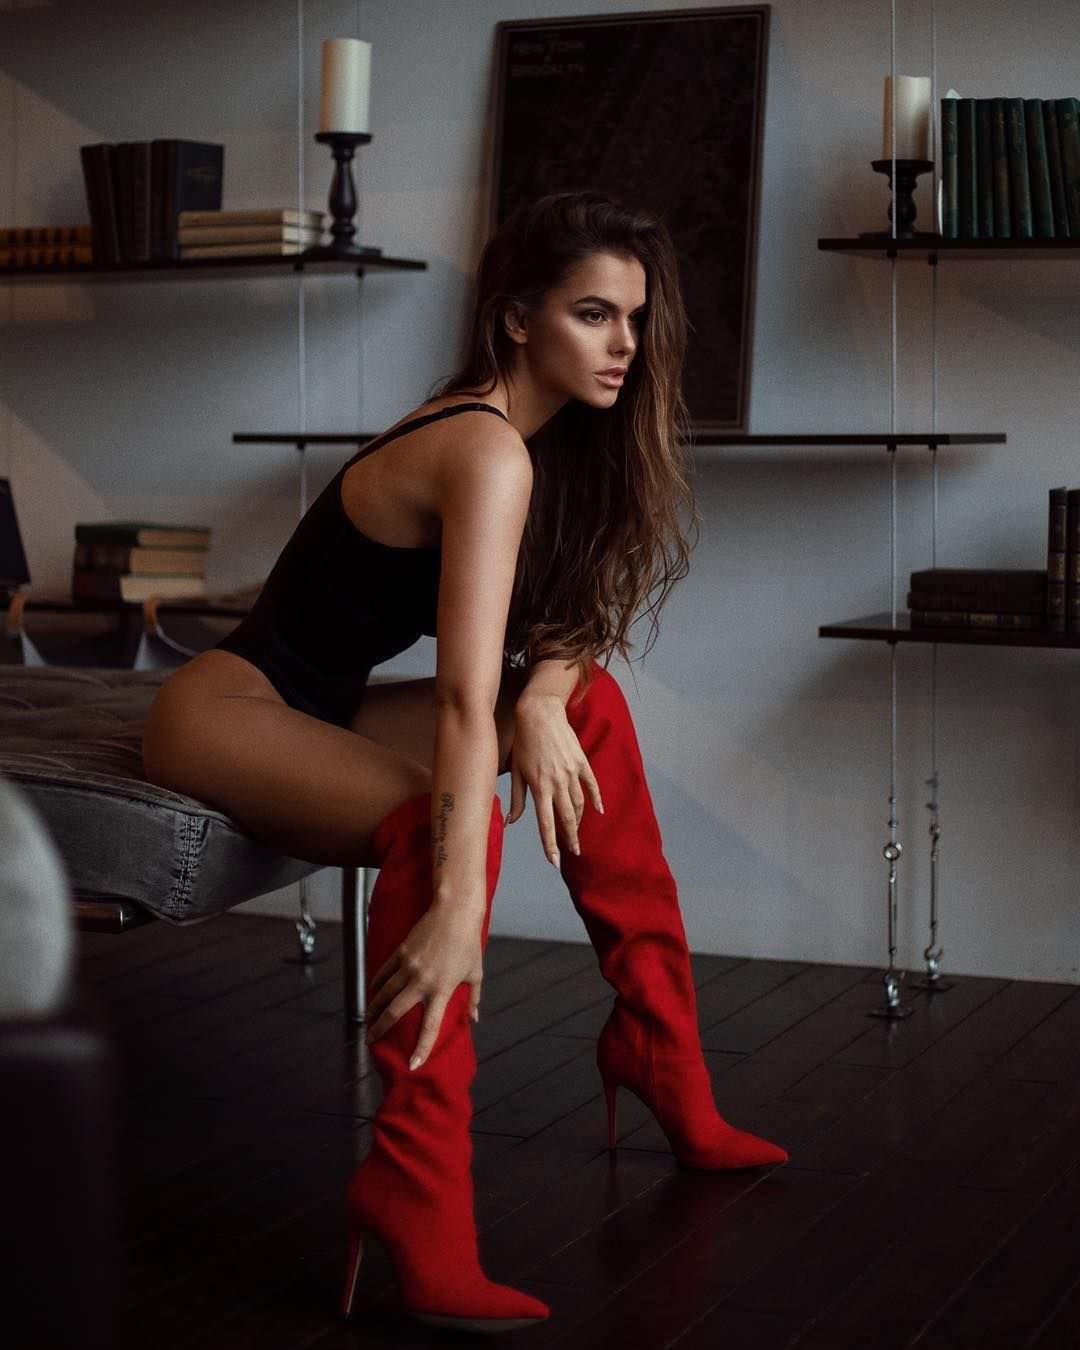 Виктория Одинцова фото в красных сапогах